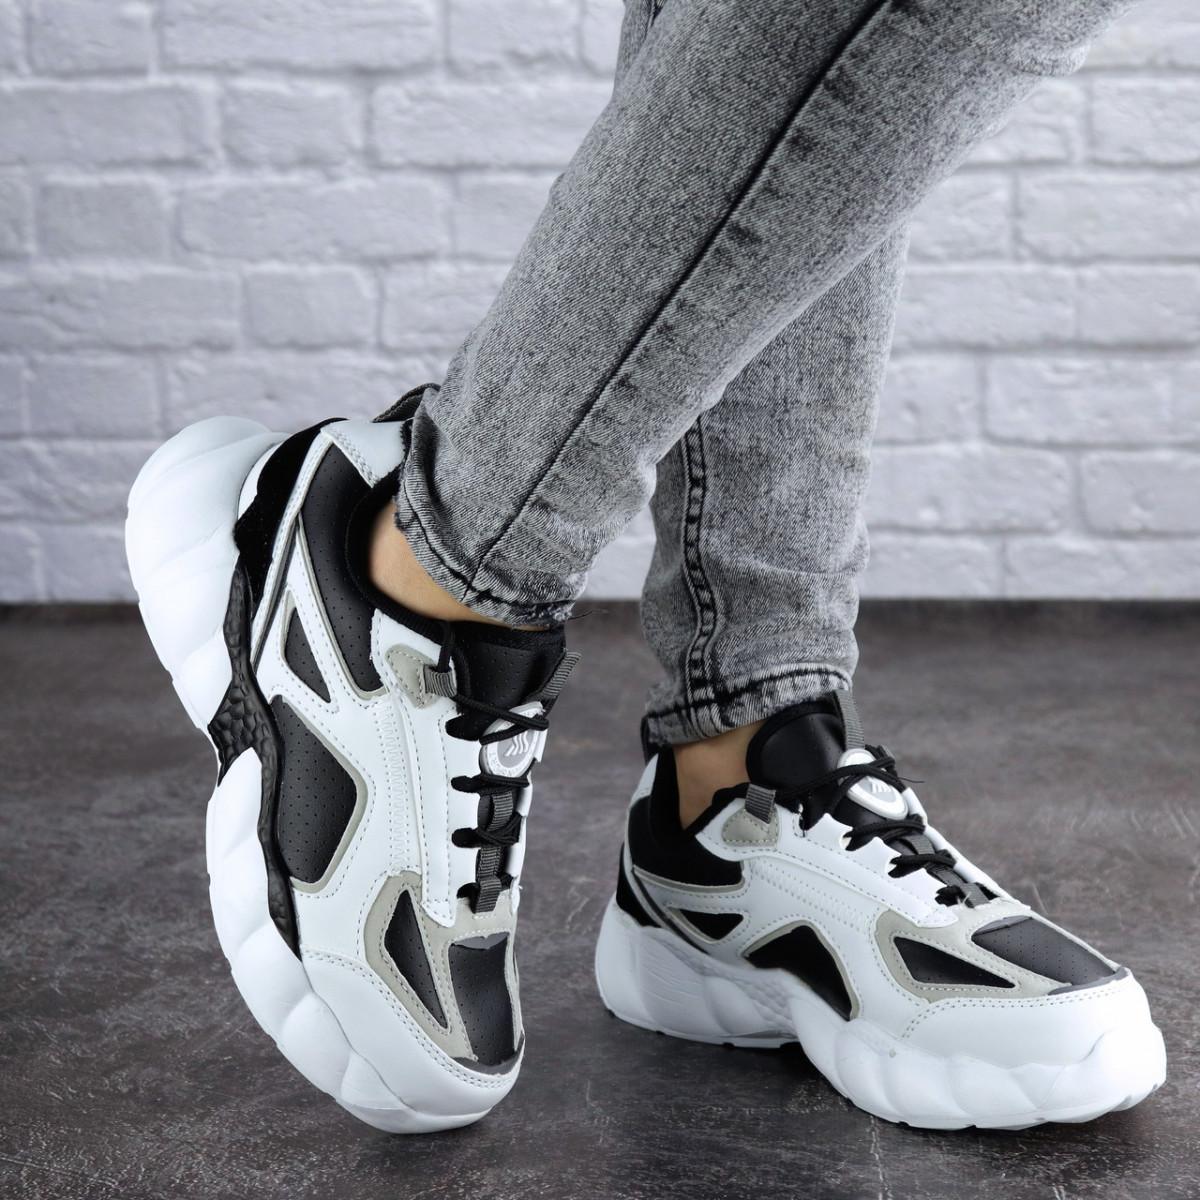 Женские кроссовки Fashion Bruno 1995 37 размер 24 см Белый